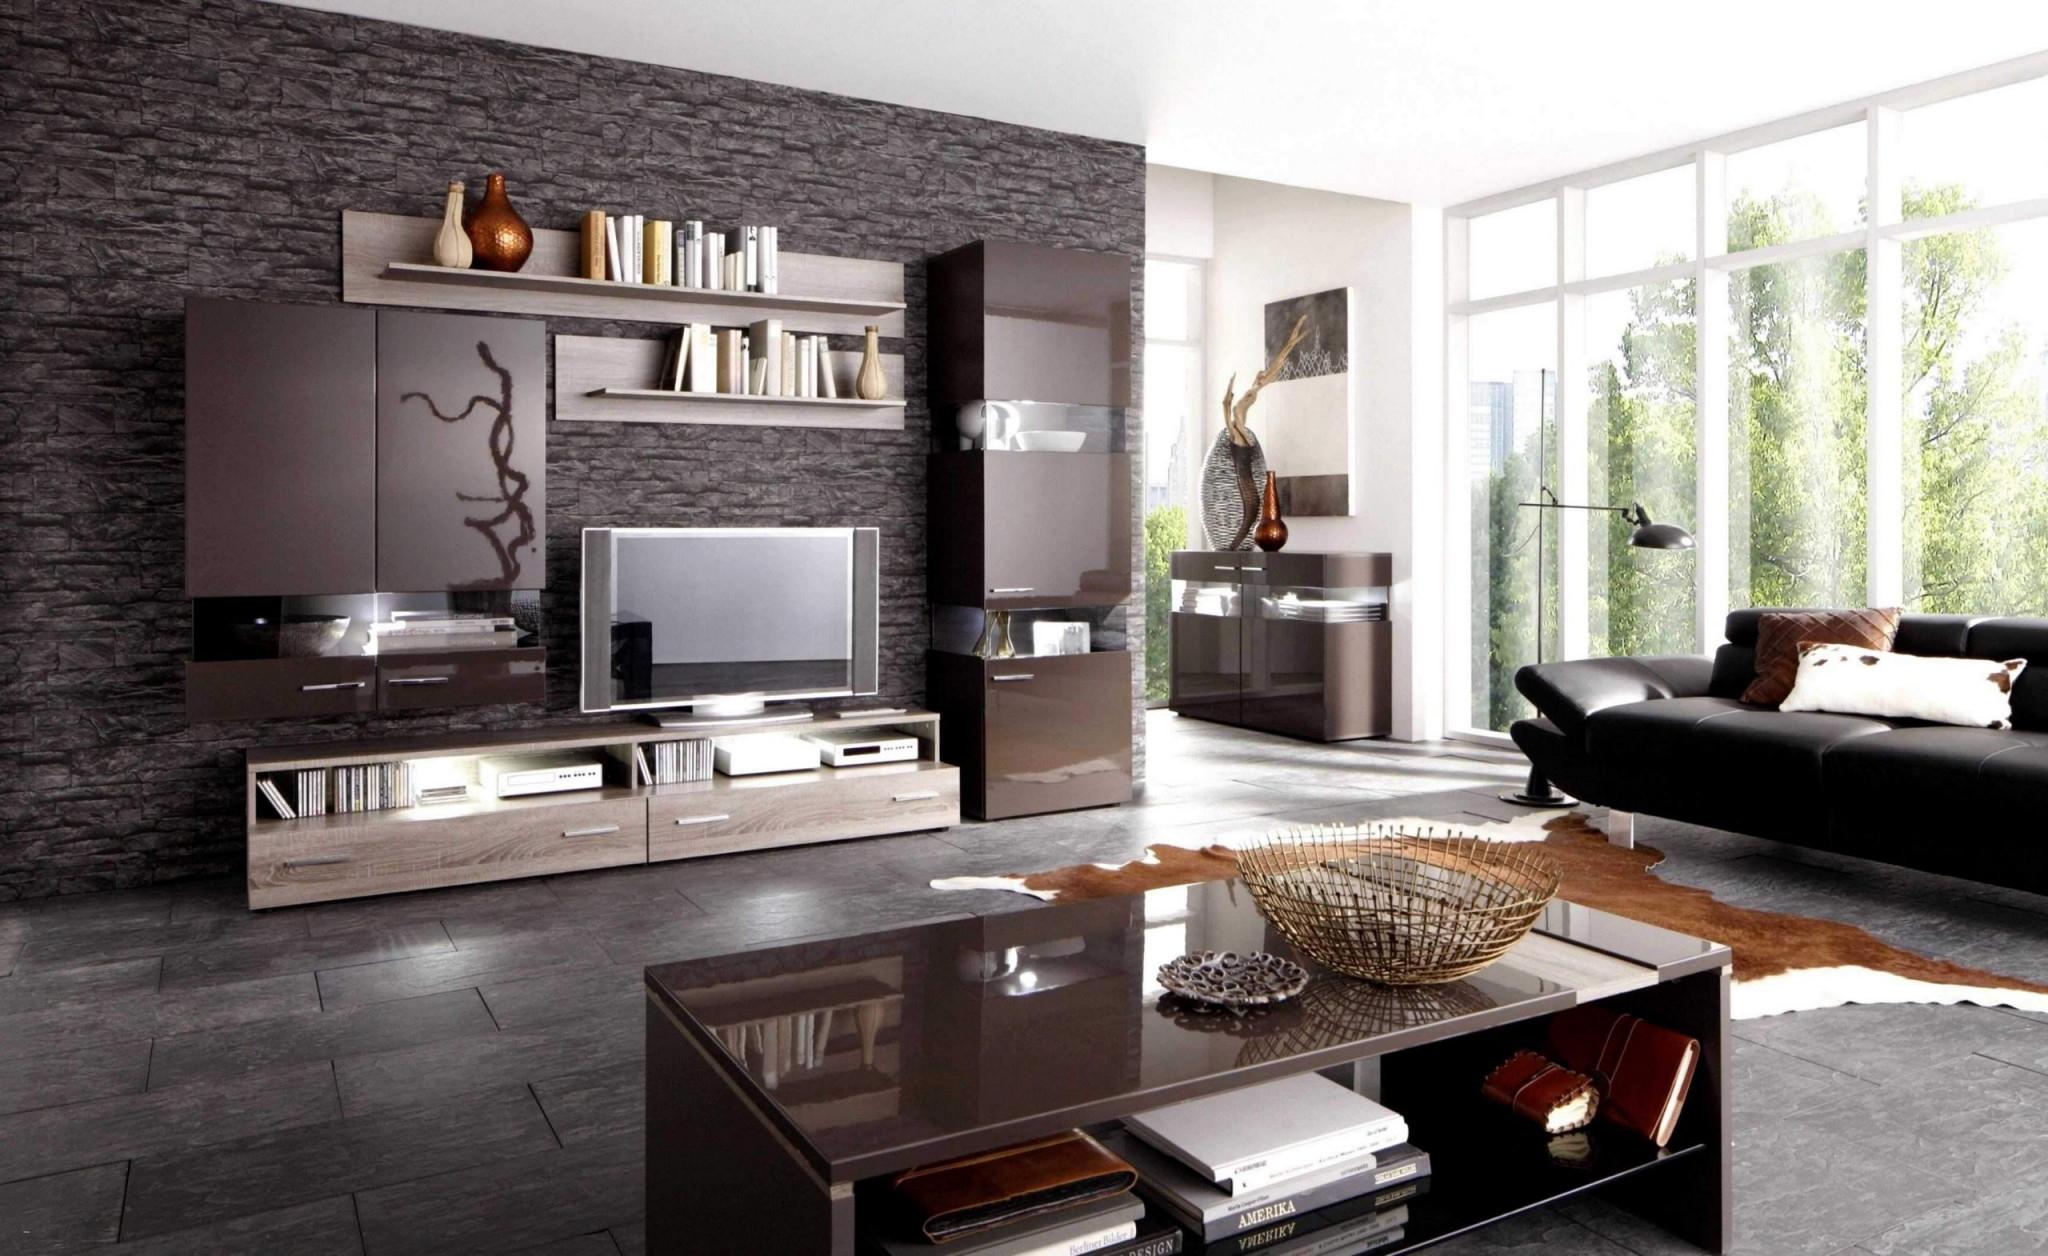 Wohnzimmer Ideen Wandgestaltung Streifen Frisch 40 Beste Von von Wohnzimmer Gestalten Wände Photo